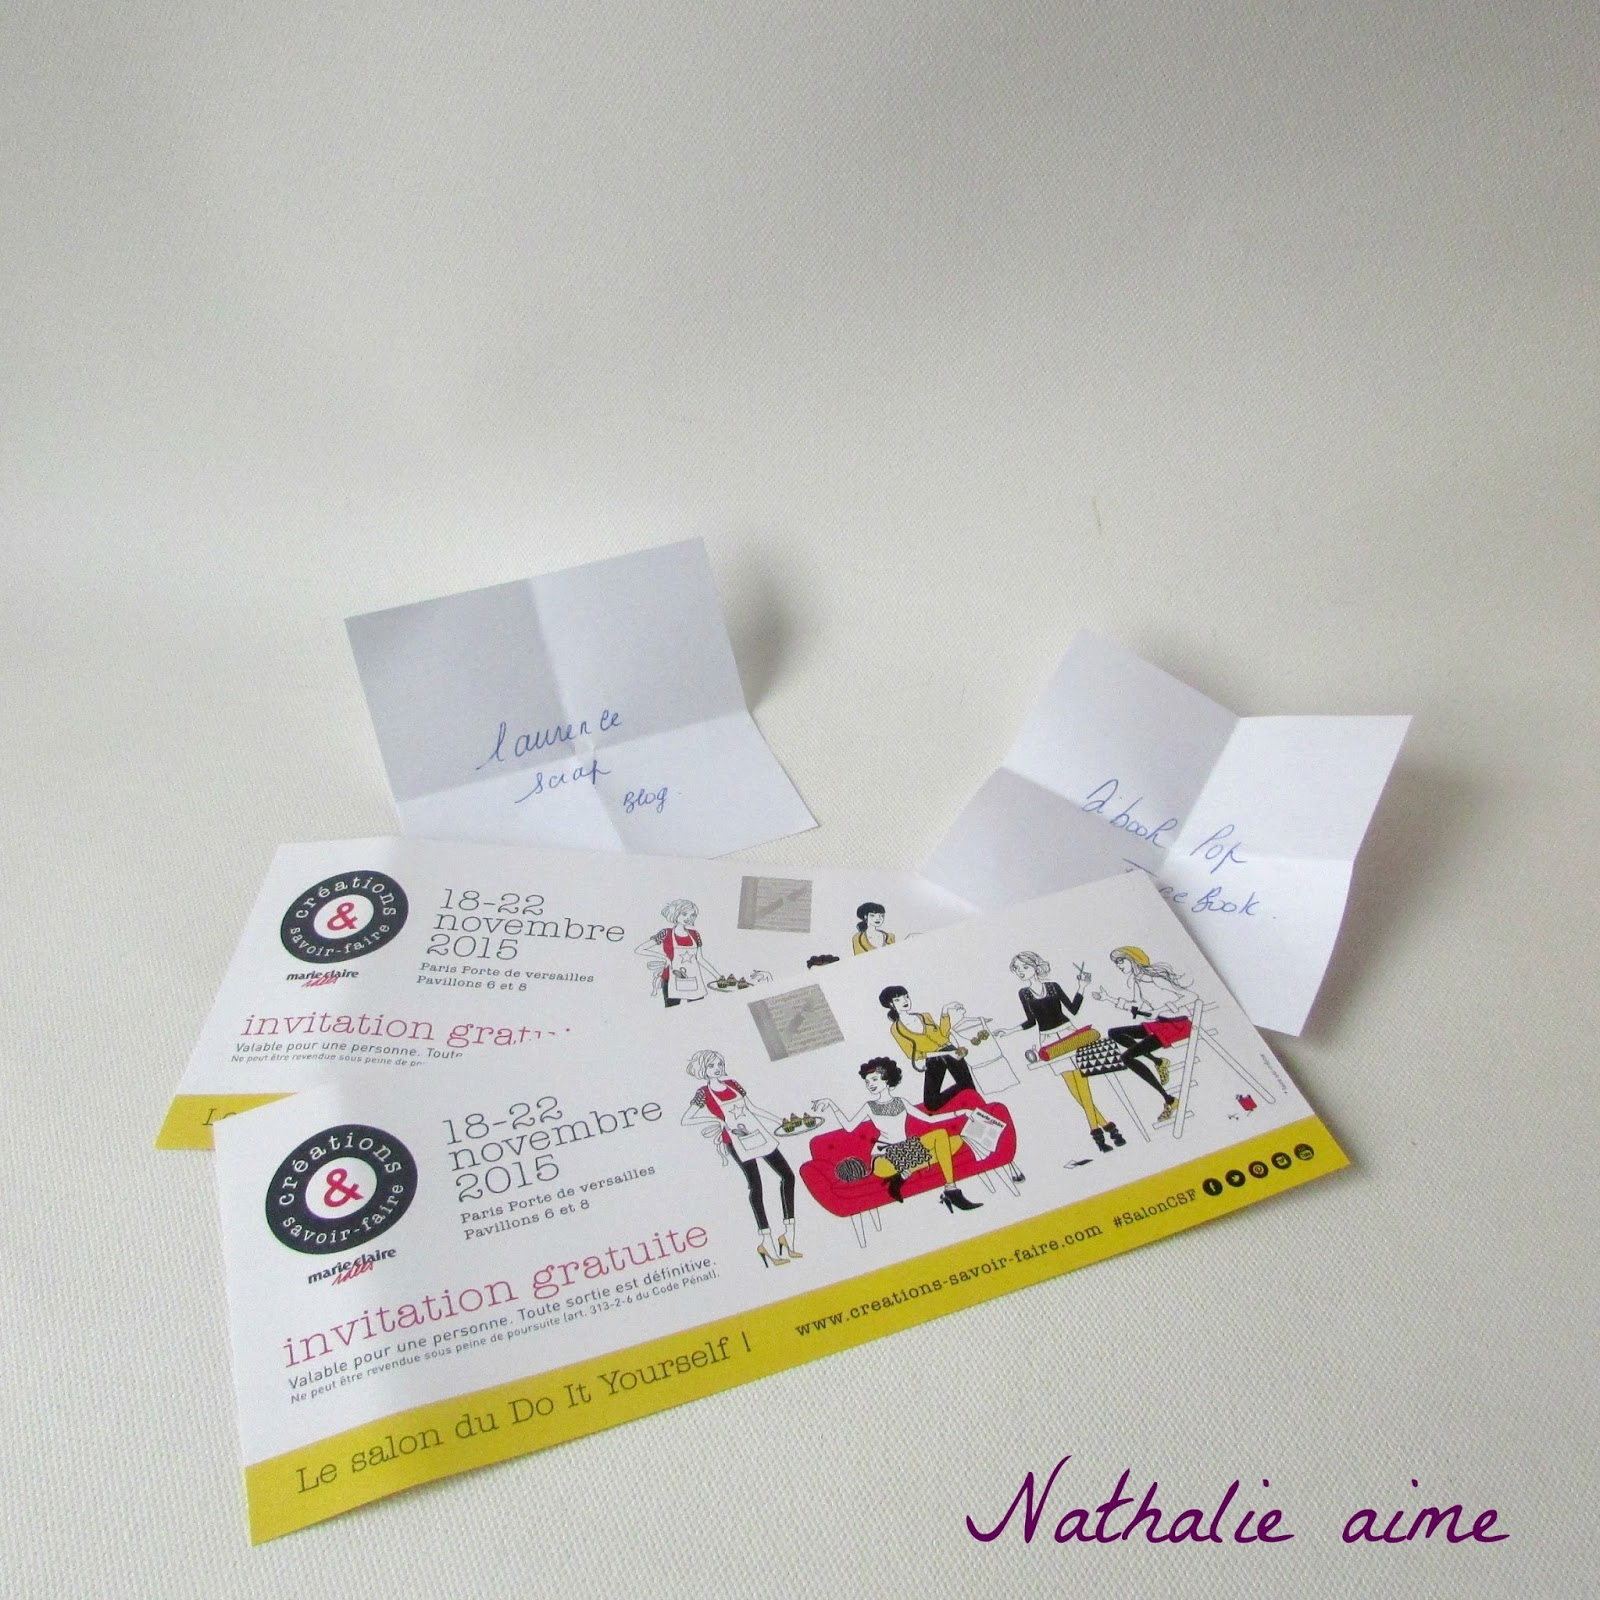 Nathalie m elles gagnent une invitation pour le salon - Invitation salon savoir faire et creation ...